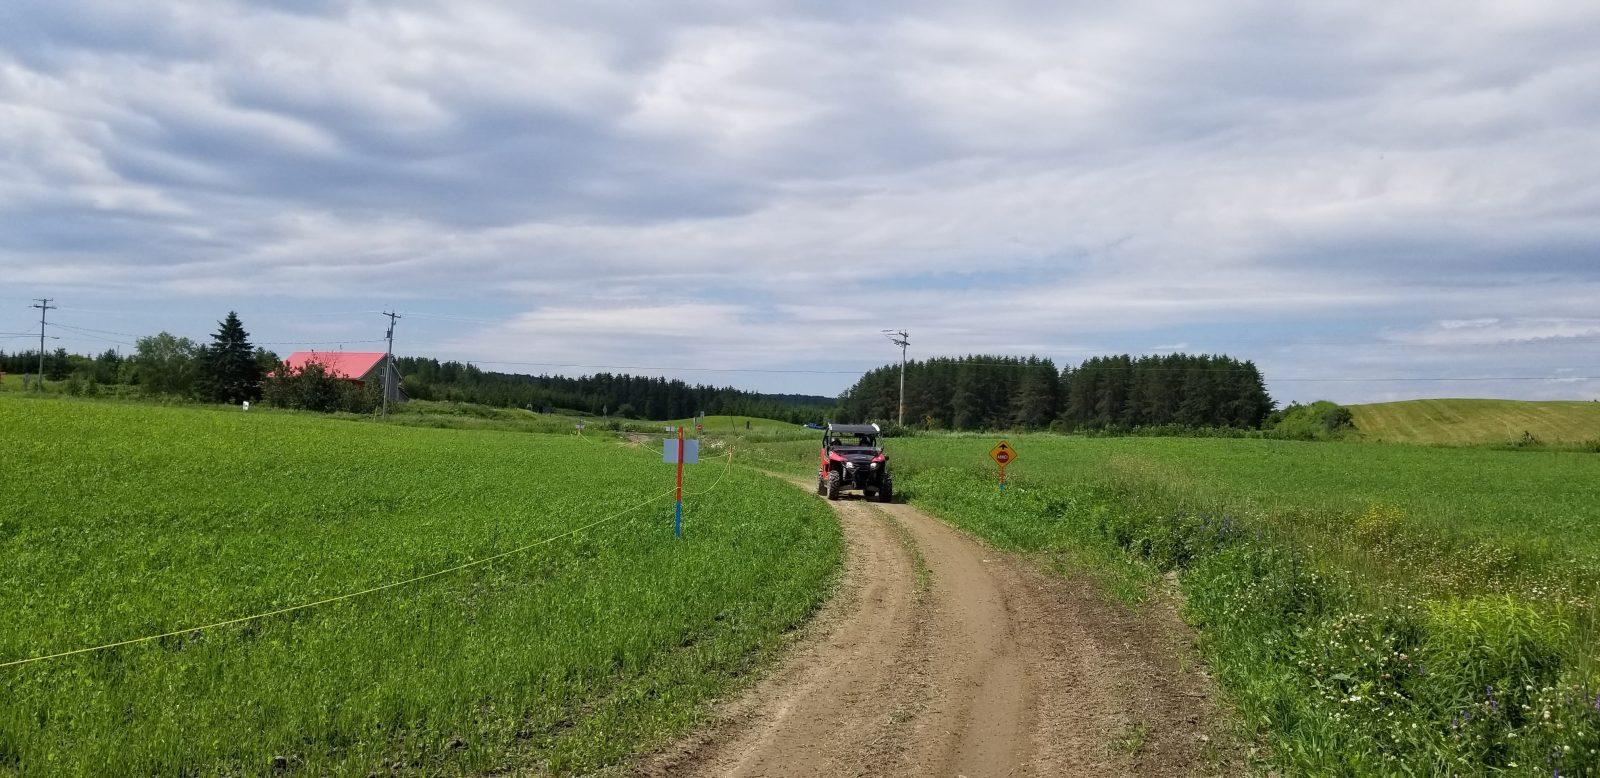 Des débuts prometteurs pour le sentier de quad à Saint-Félicien :Il ne manque que l'accès au centre-ville